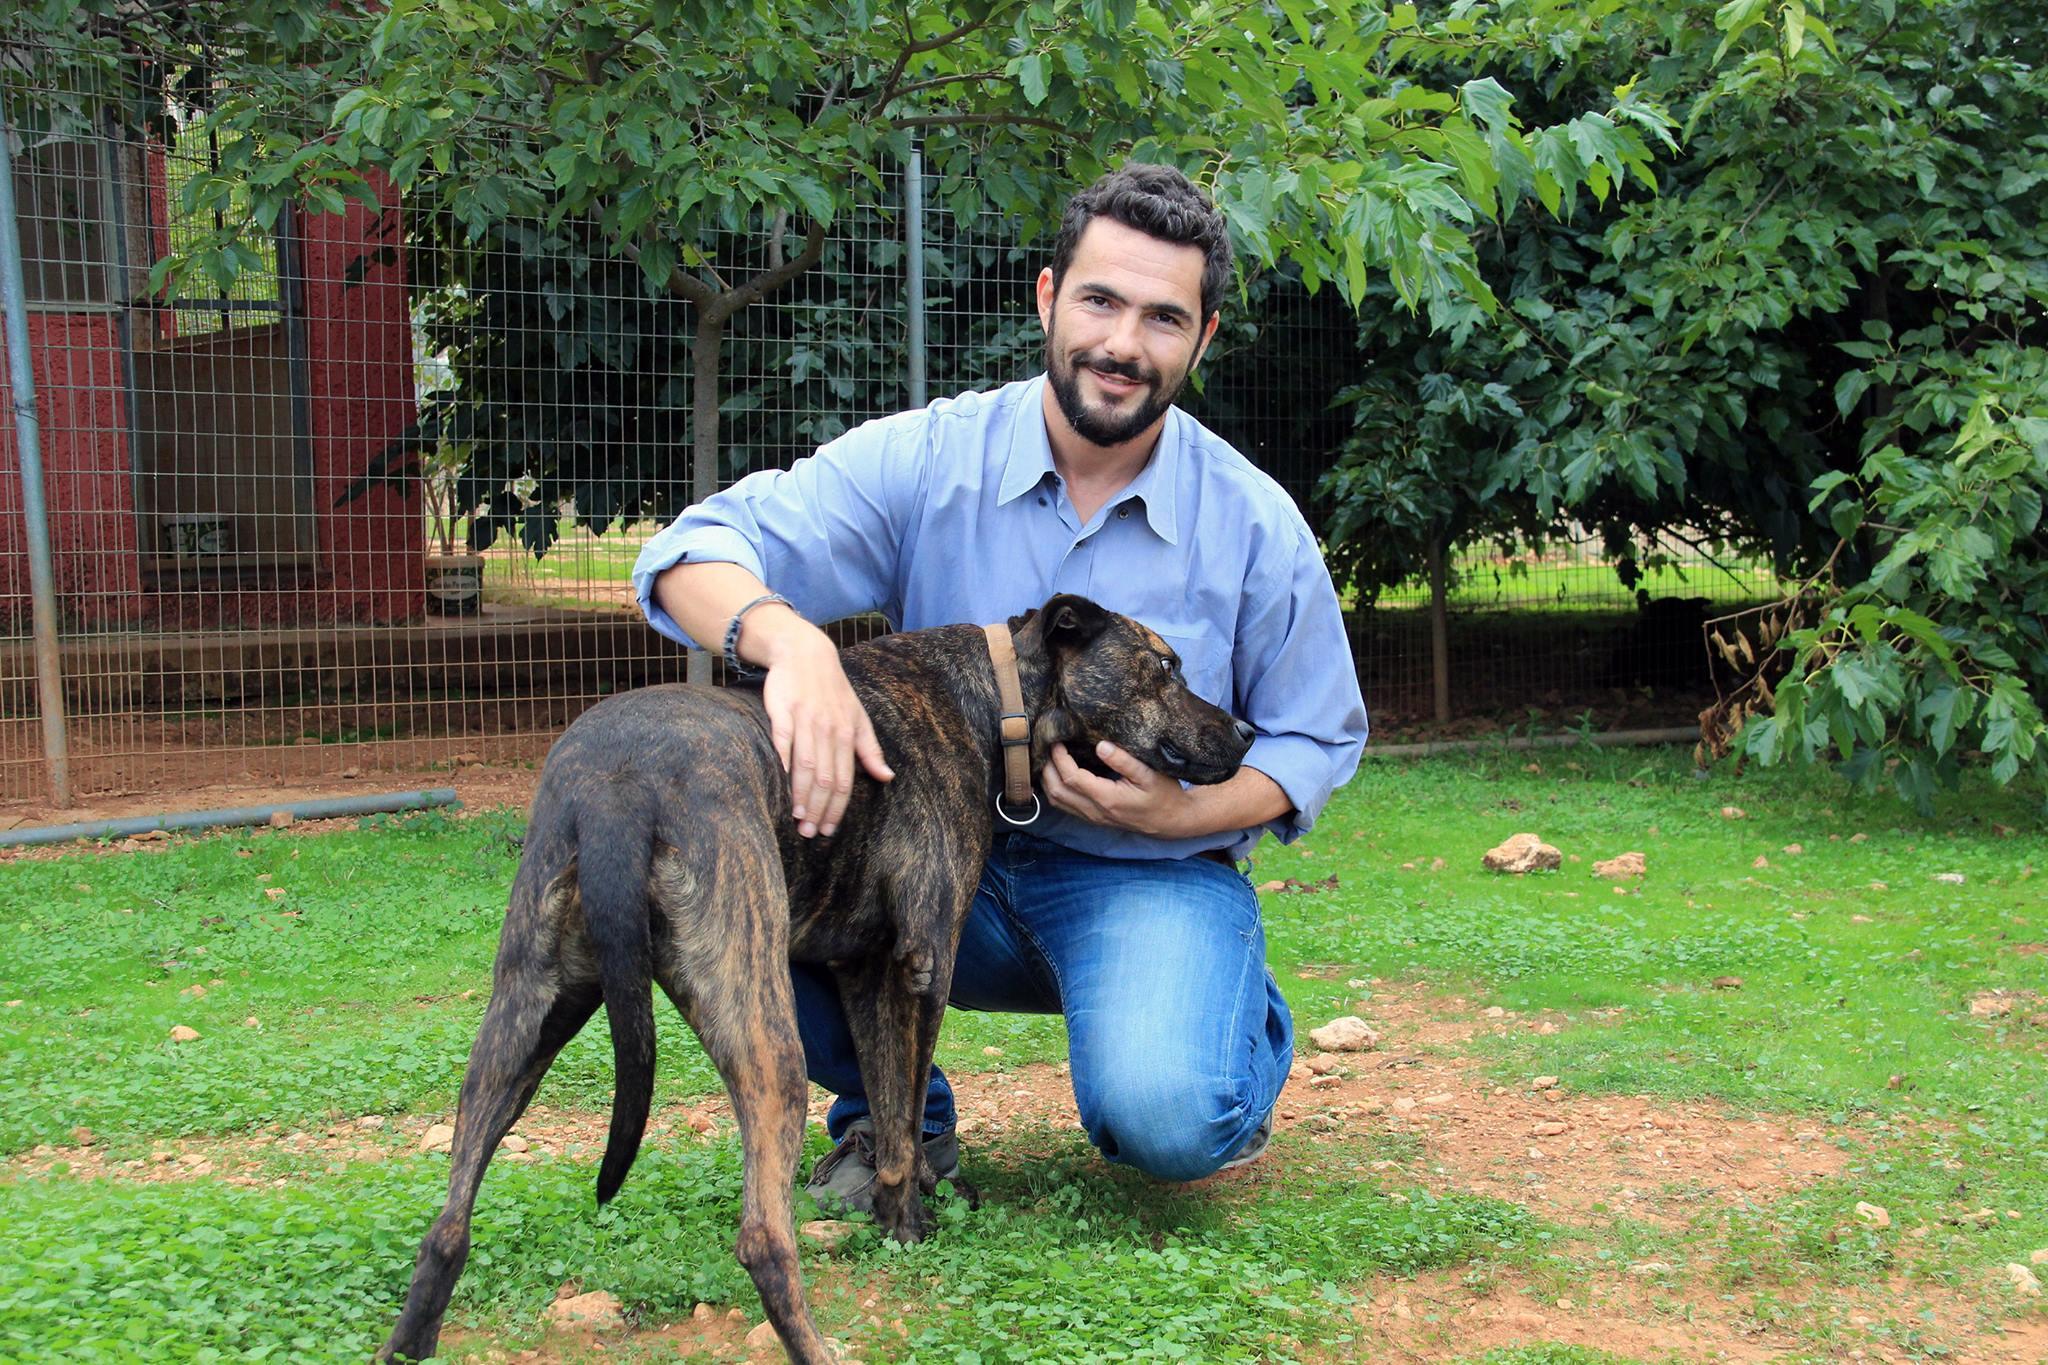 Ο Δημοσθένης Δόγκας για την Παγκόσμια Ημέρα των Ζώων (video)